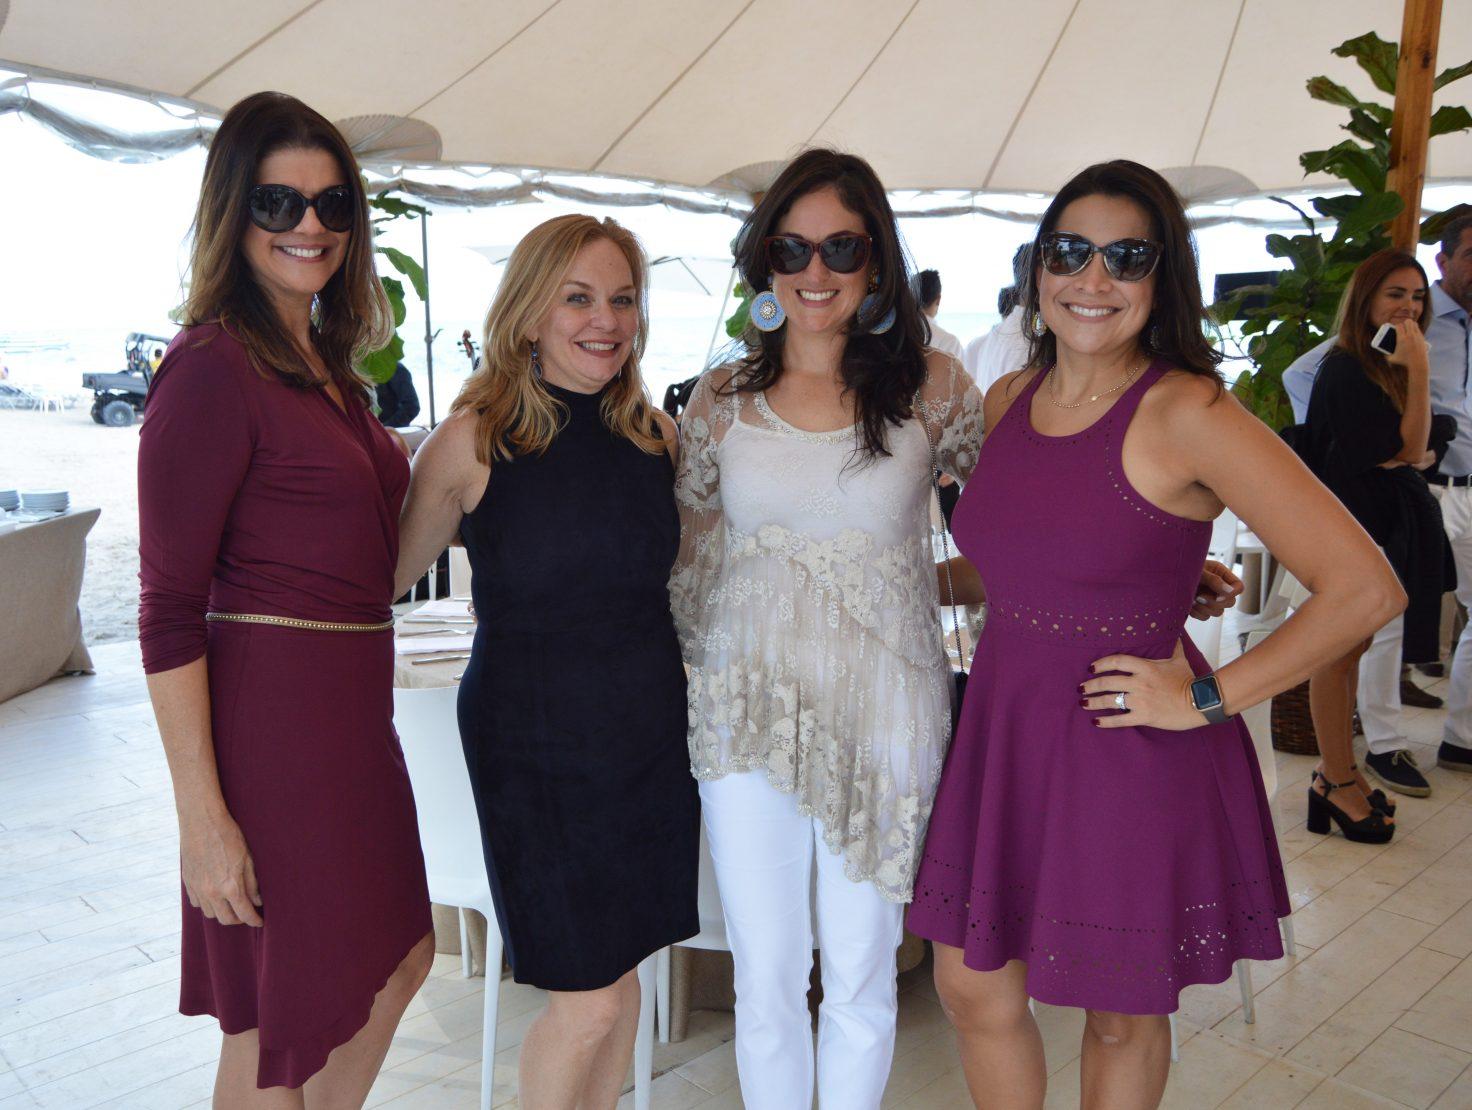 Fabia Castro, Elizabeth Garcia, Michelle Duarte and Rita Collins